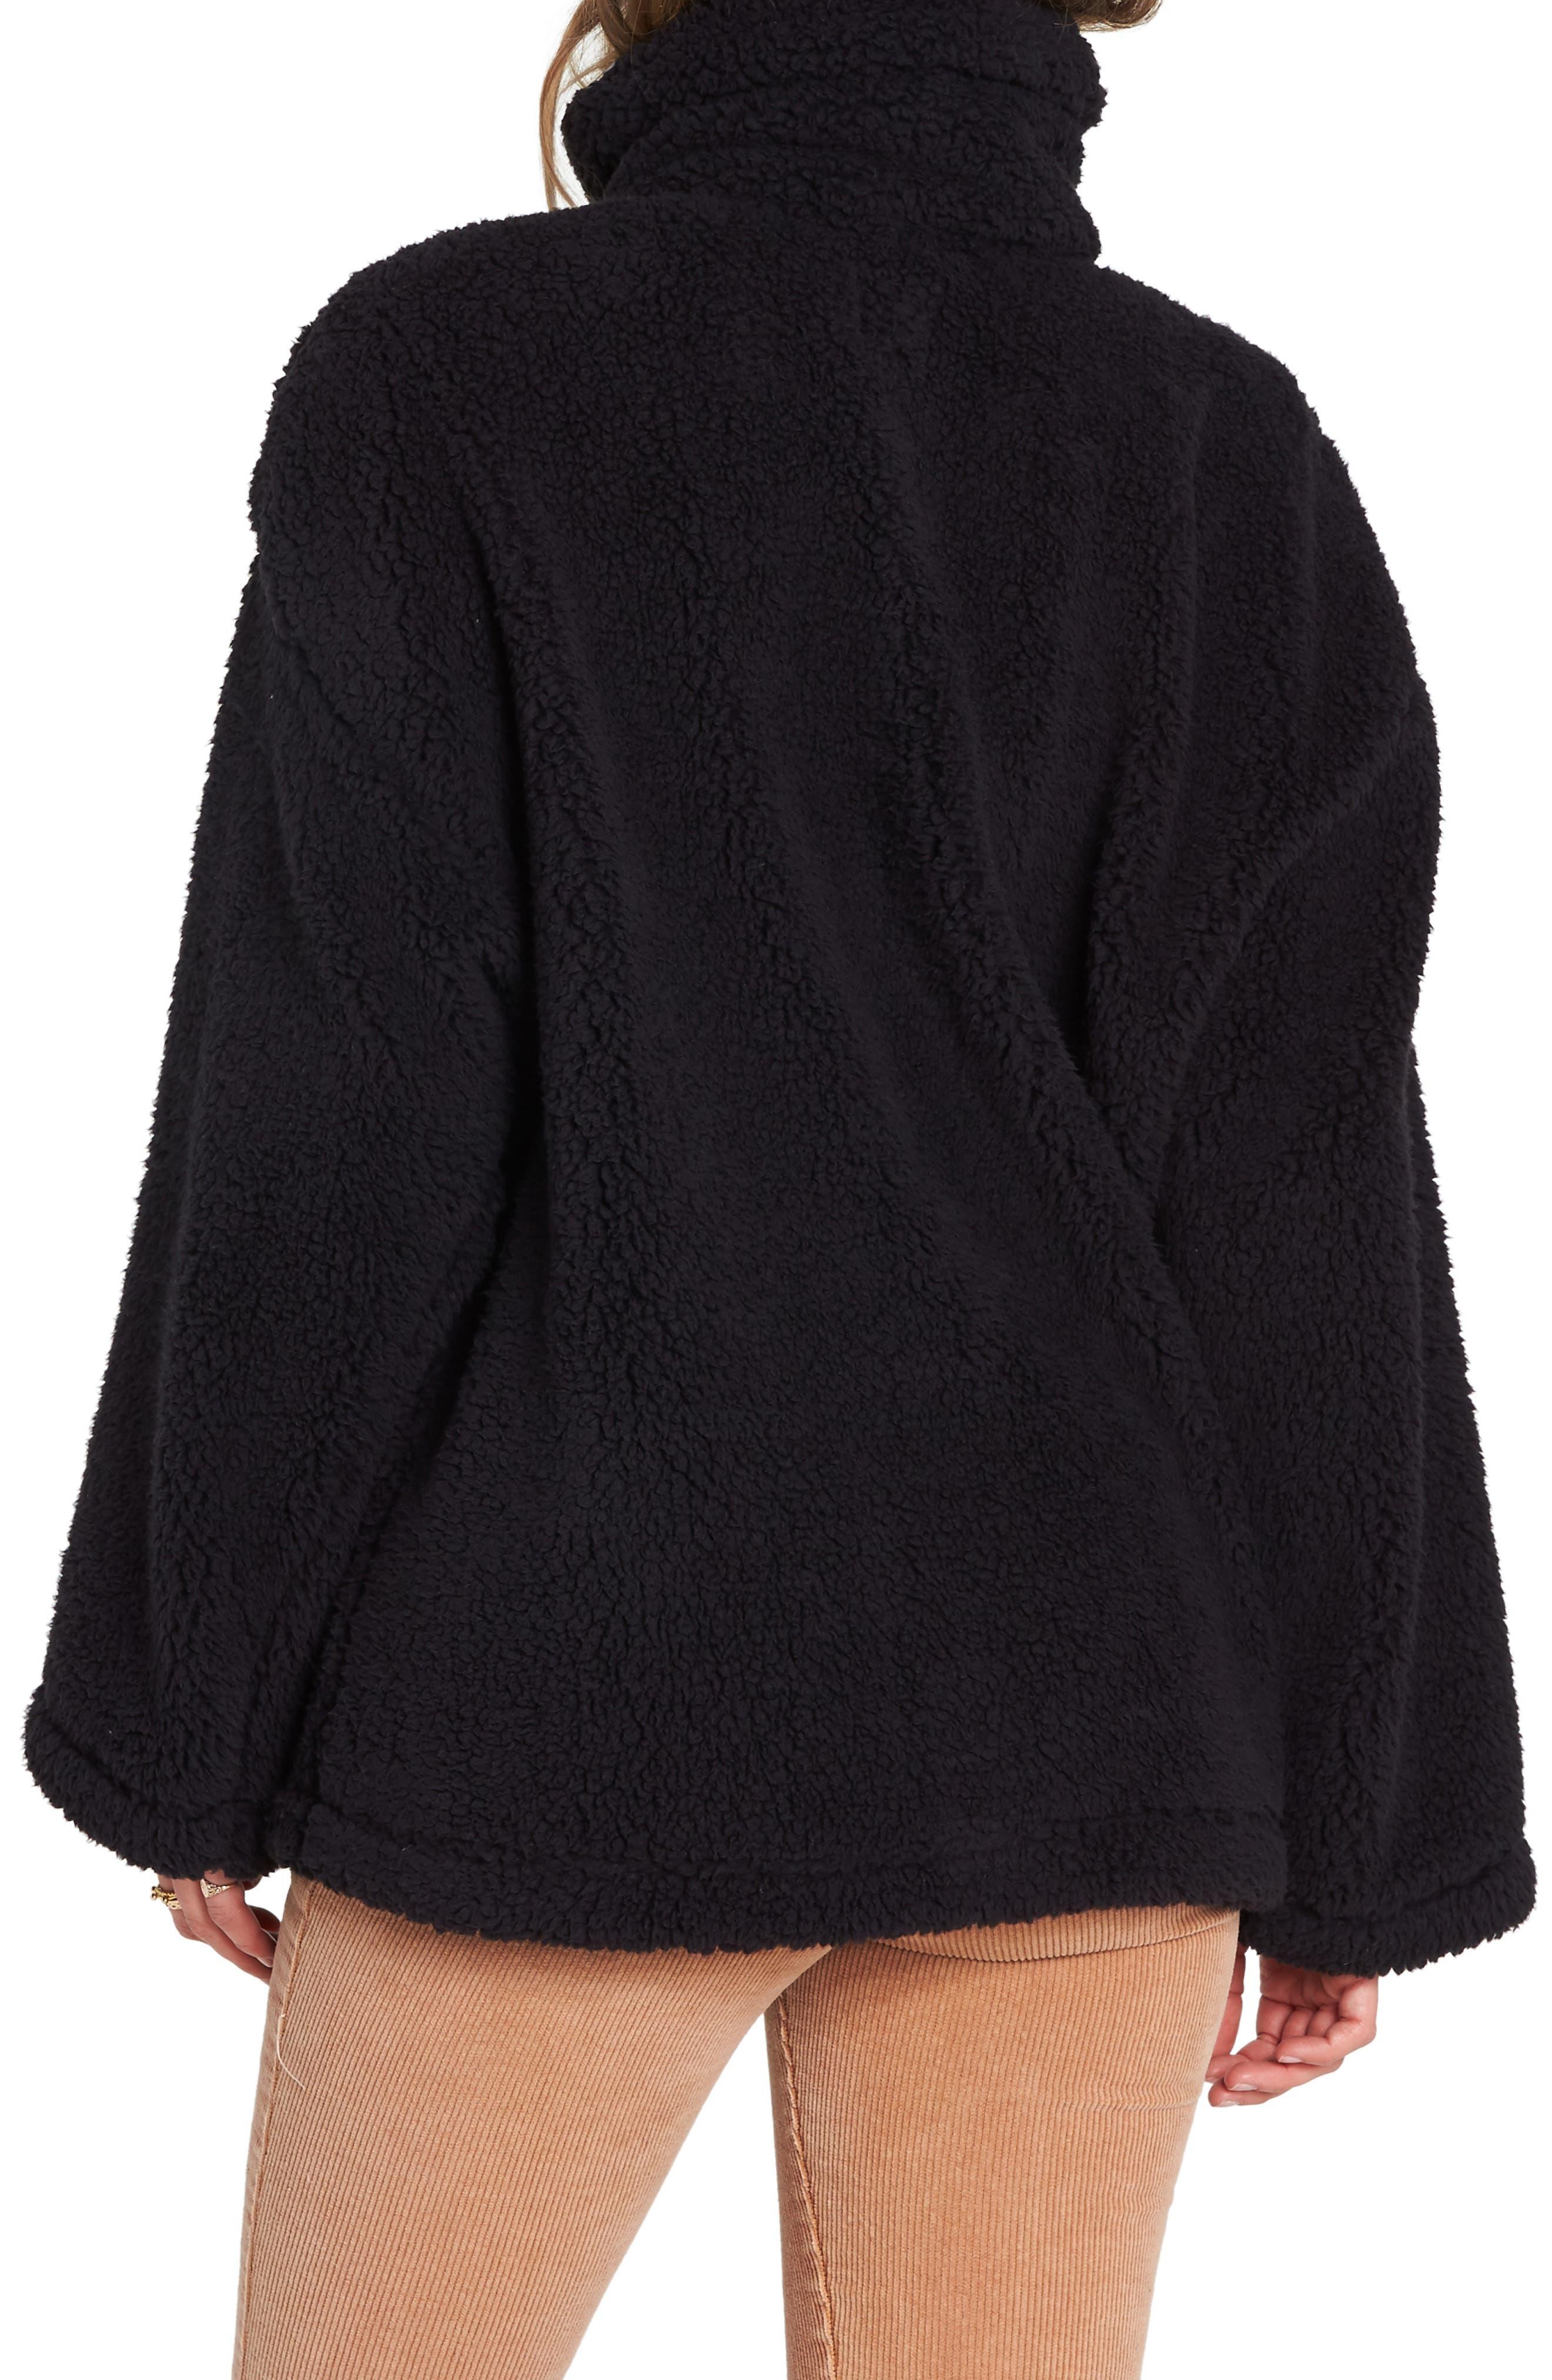 Cozy Days Faux Fur Jacket,                             Alternate thumbnail 2, color,                             BLACK